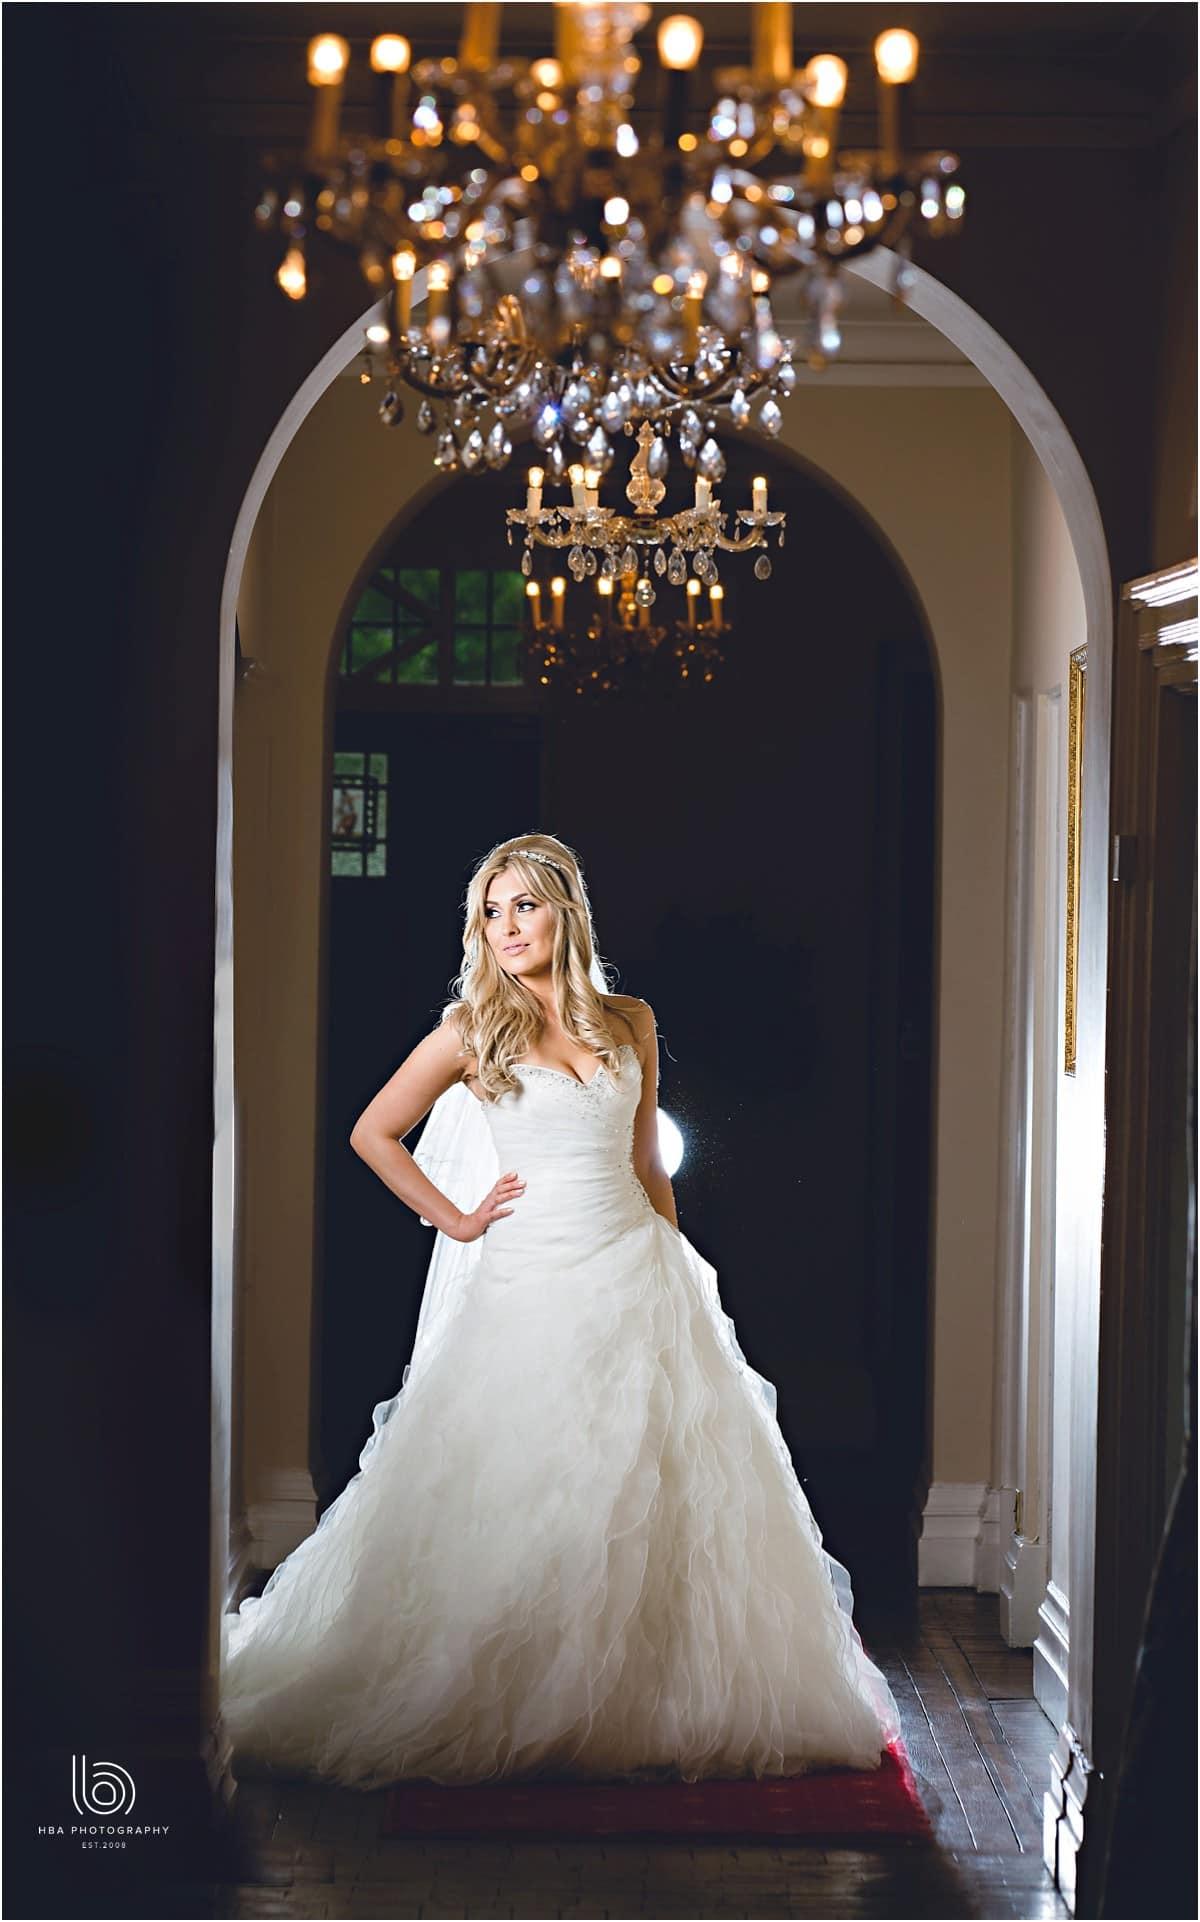 the bride stanifn under a chandeleir at Wrenbury Hall